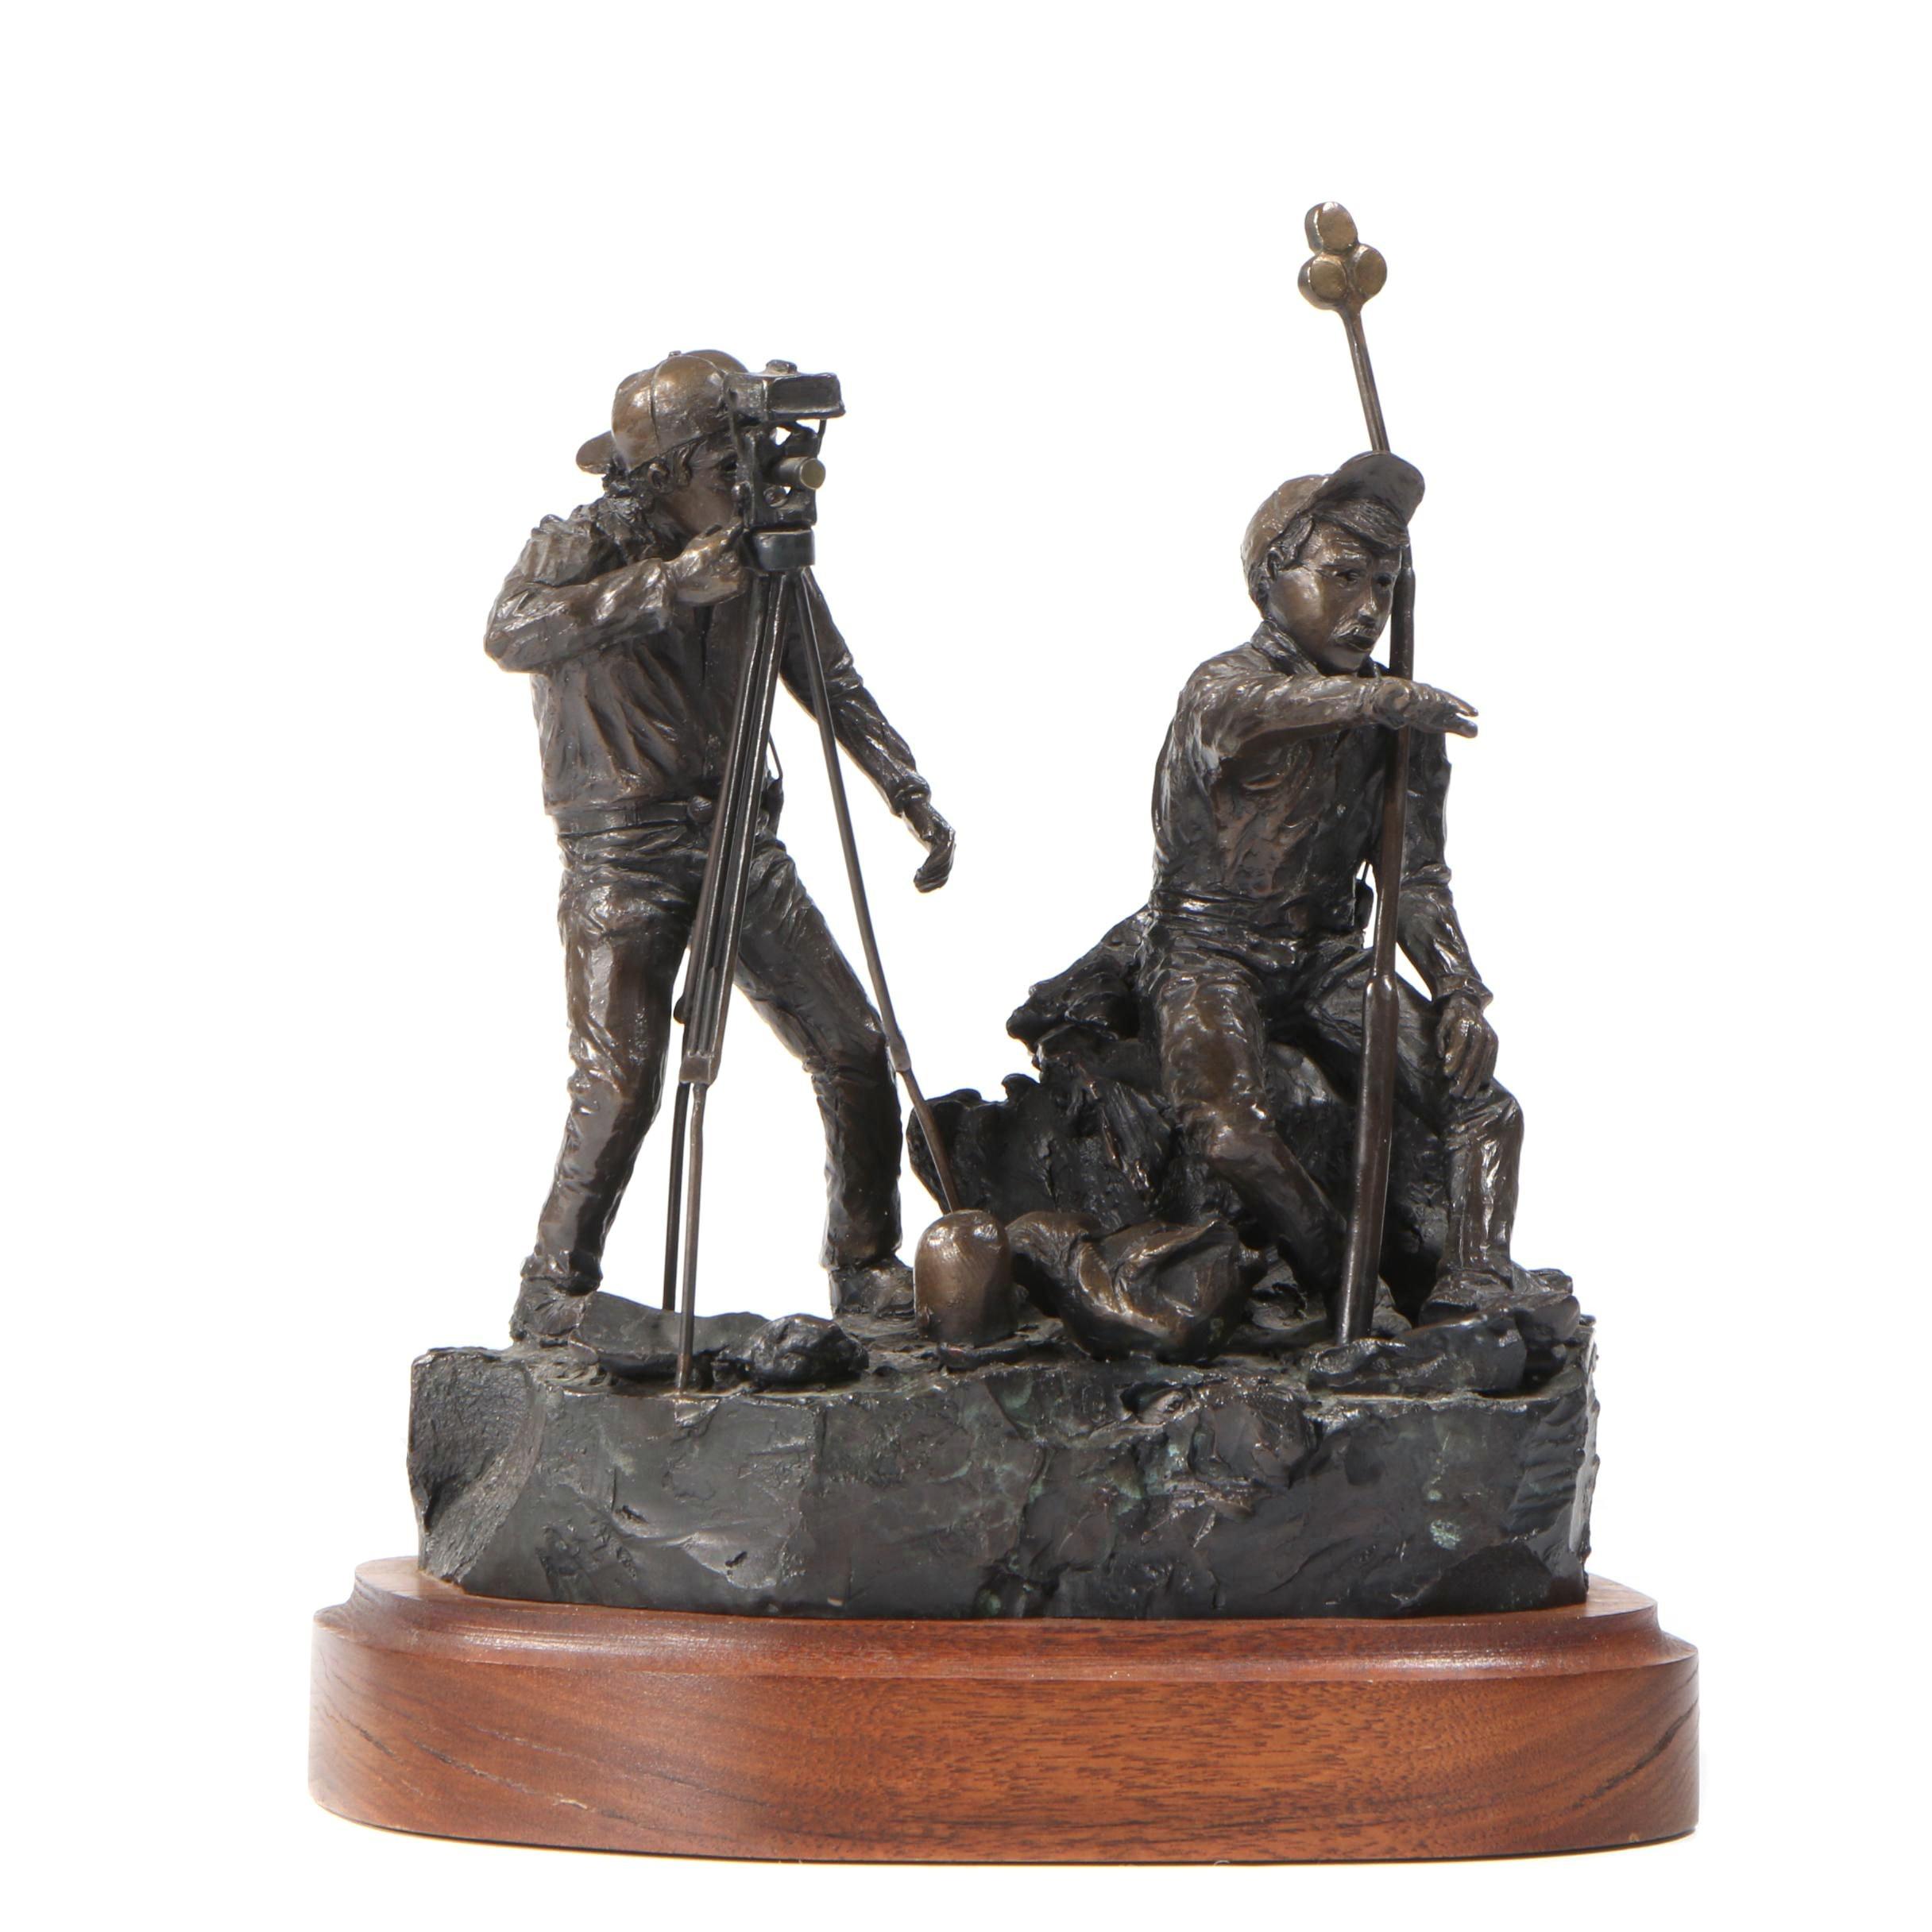 1989 Bronze-Tone Metal Sculpture after Steve Duffy